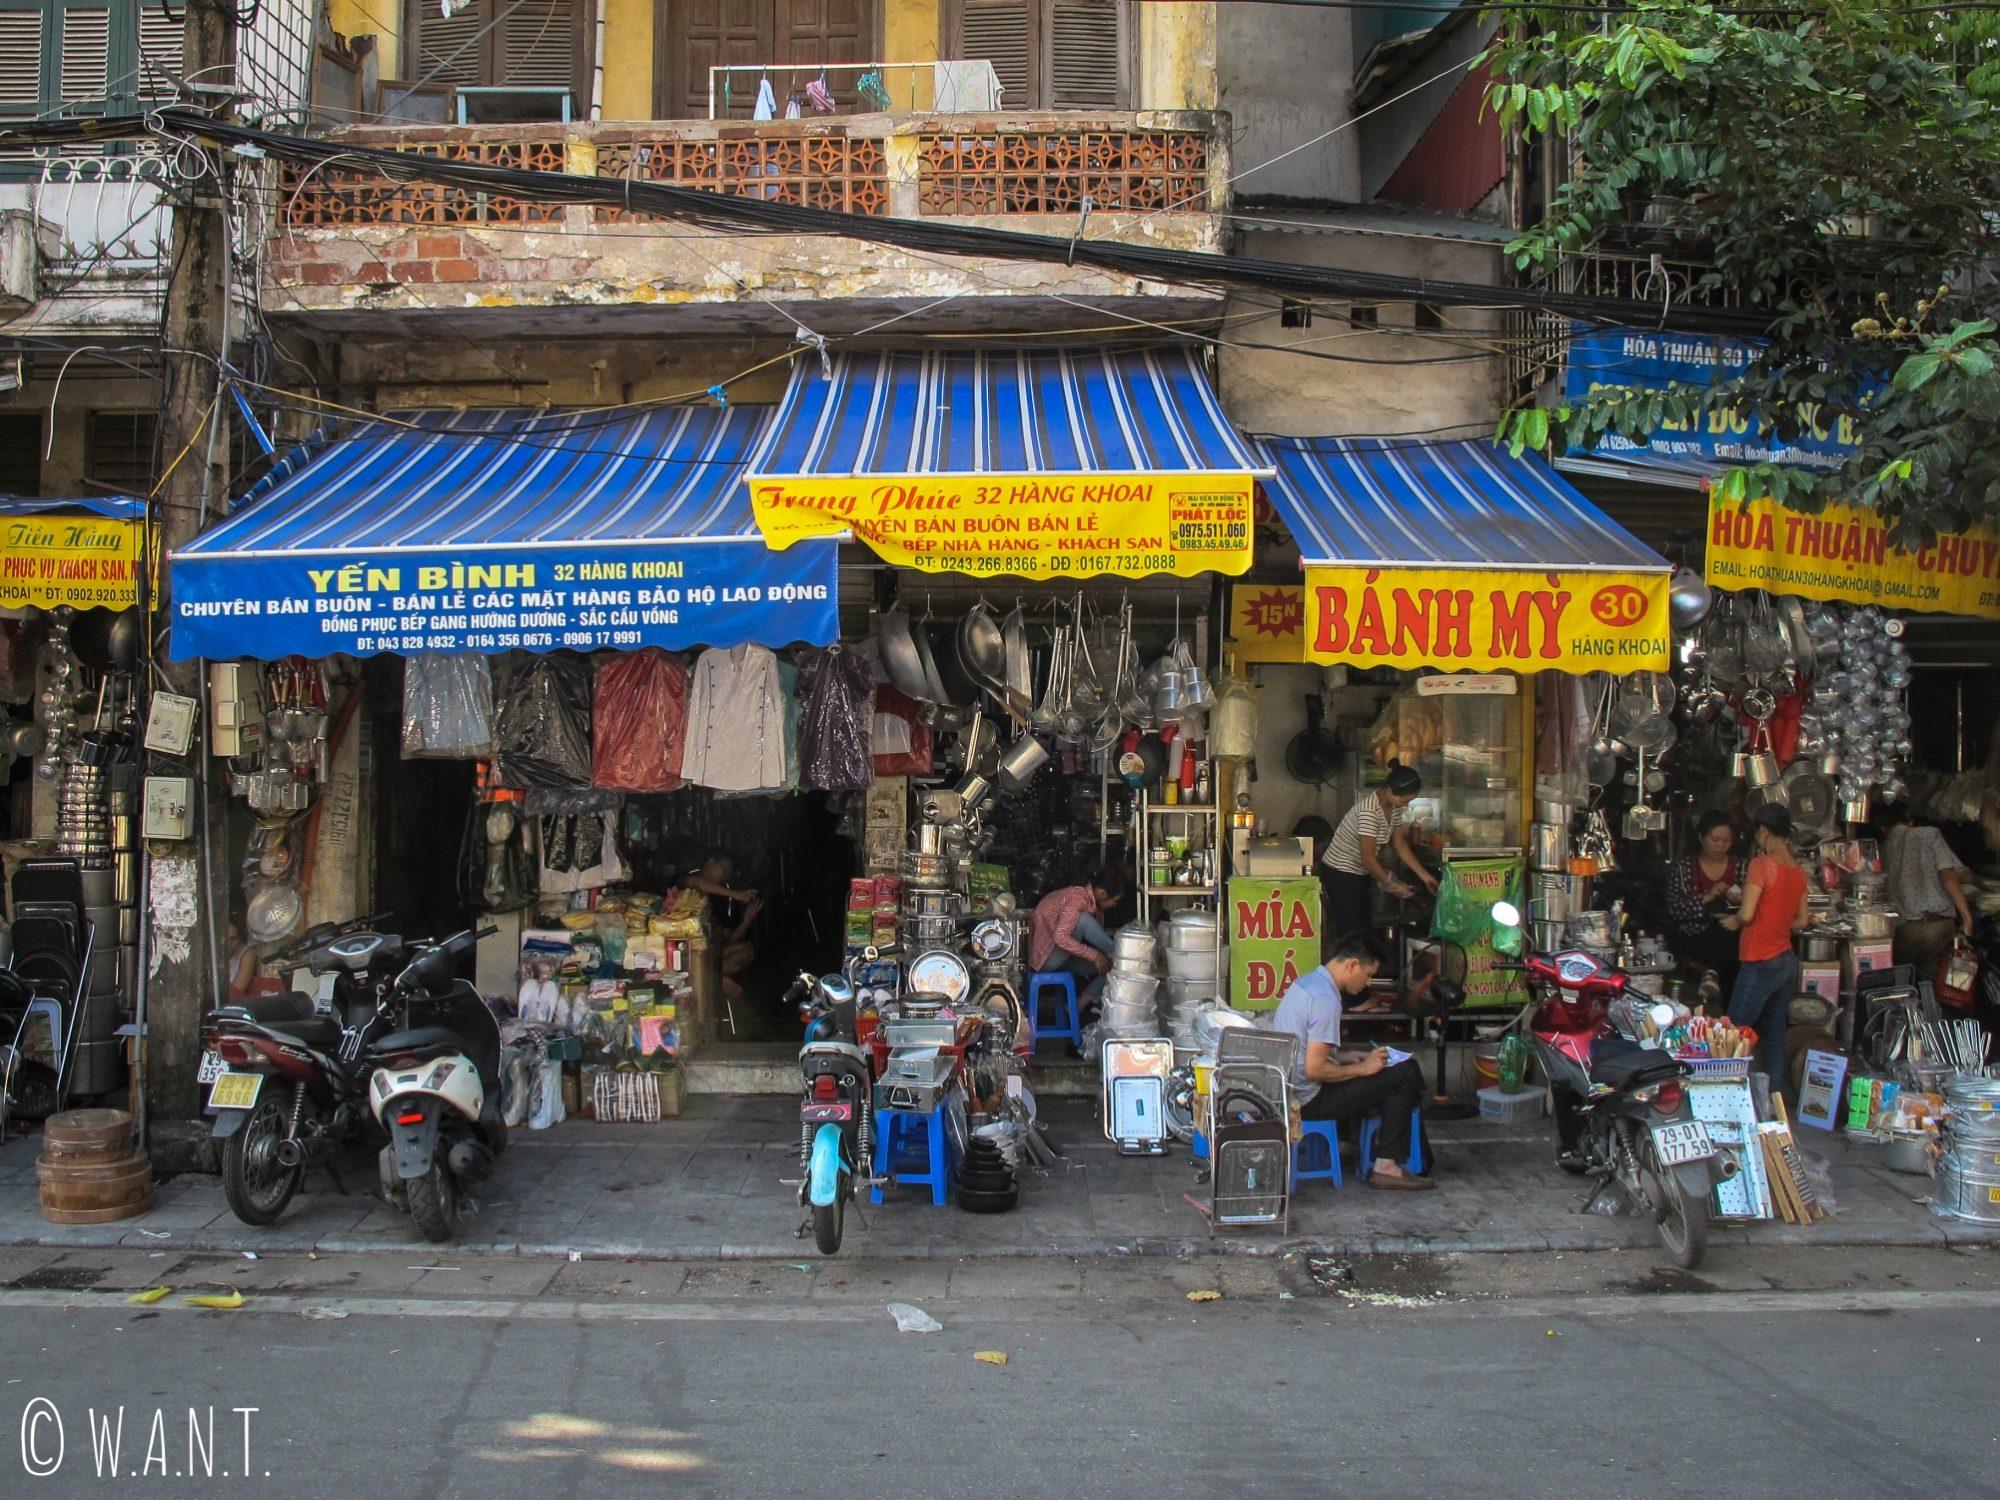 Échoppes d'ustensiles de cuisine dans les rues de Hanoï